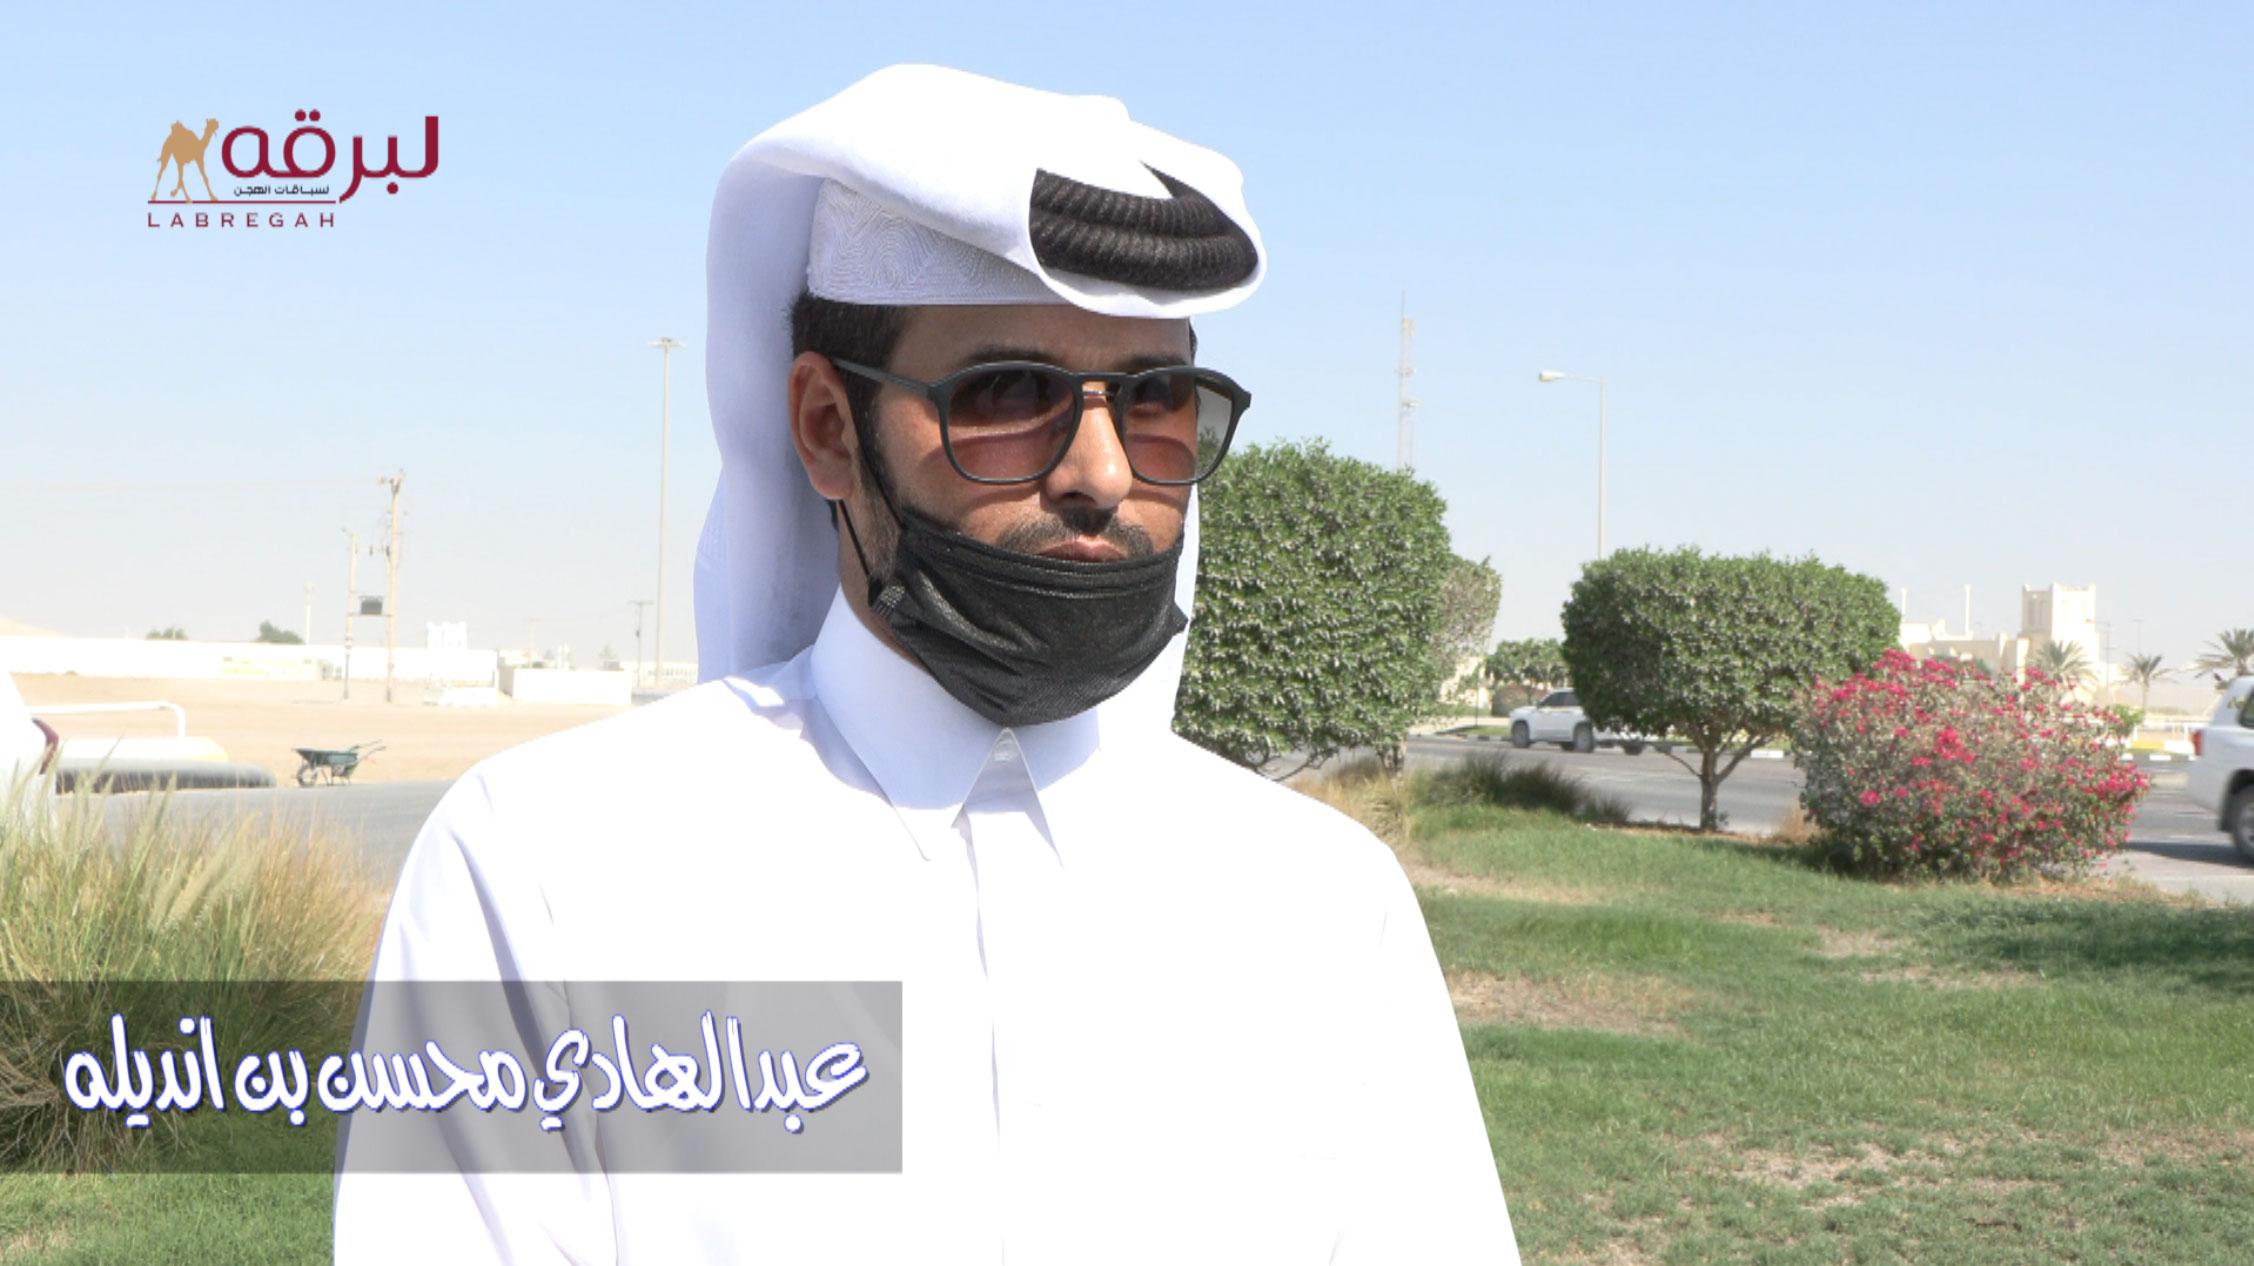 لقاء مع عبدالهادي محسن بن انديله.. الشوط الرئيسي للجذاع بكار (إنتاج) ميدان الشحانية ٢٢-٩-٢٠٢١